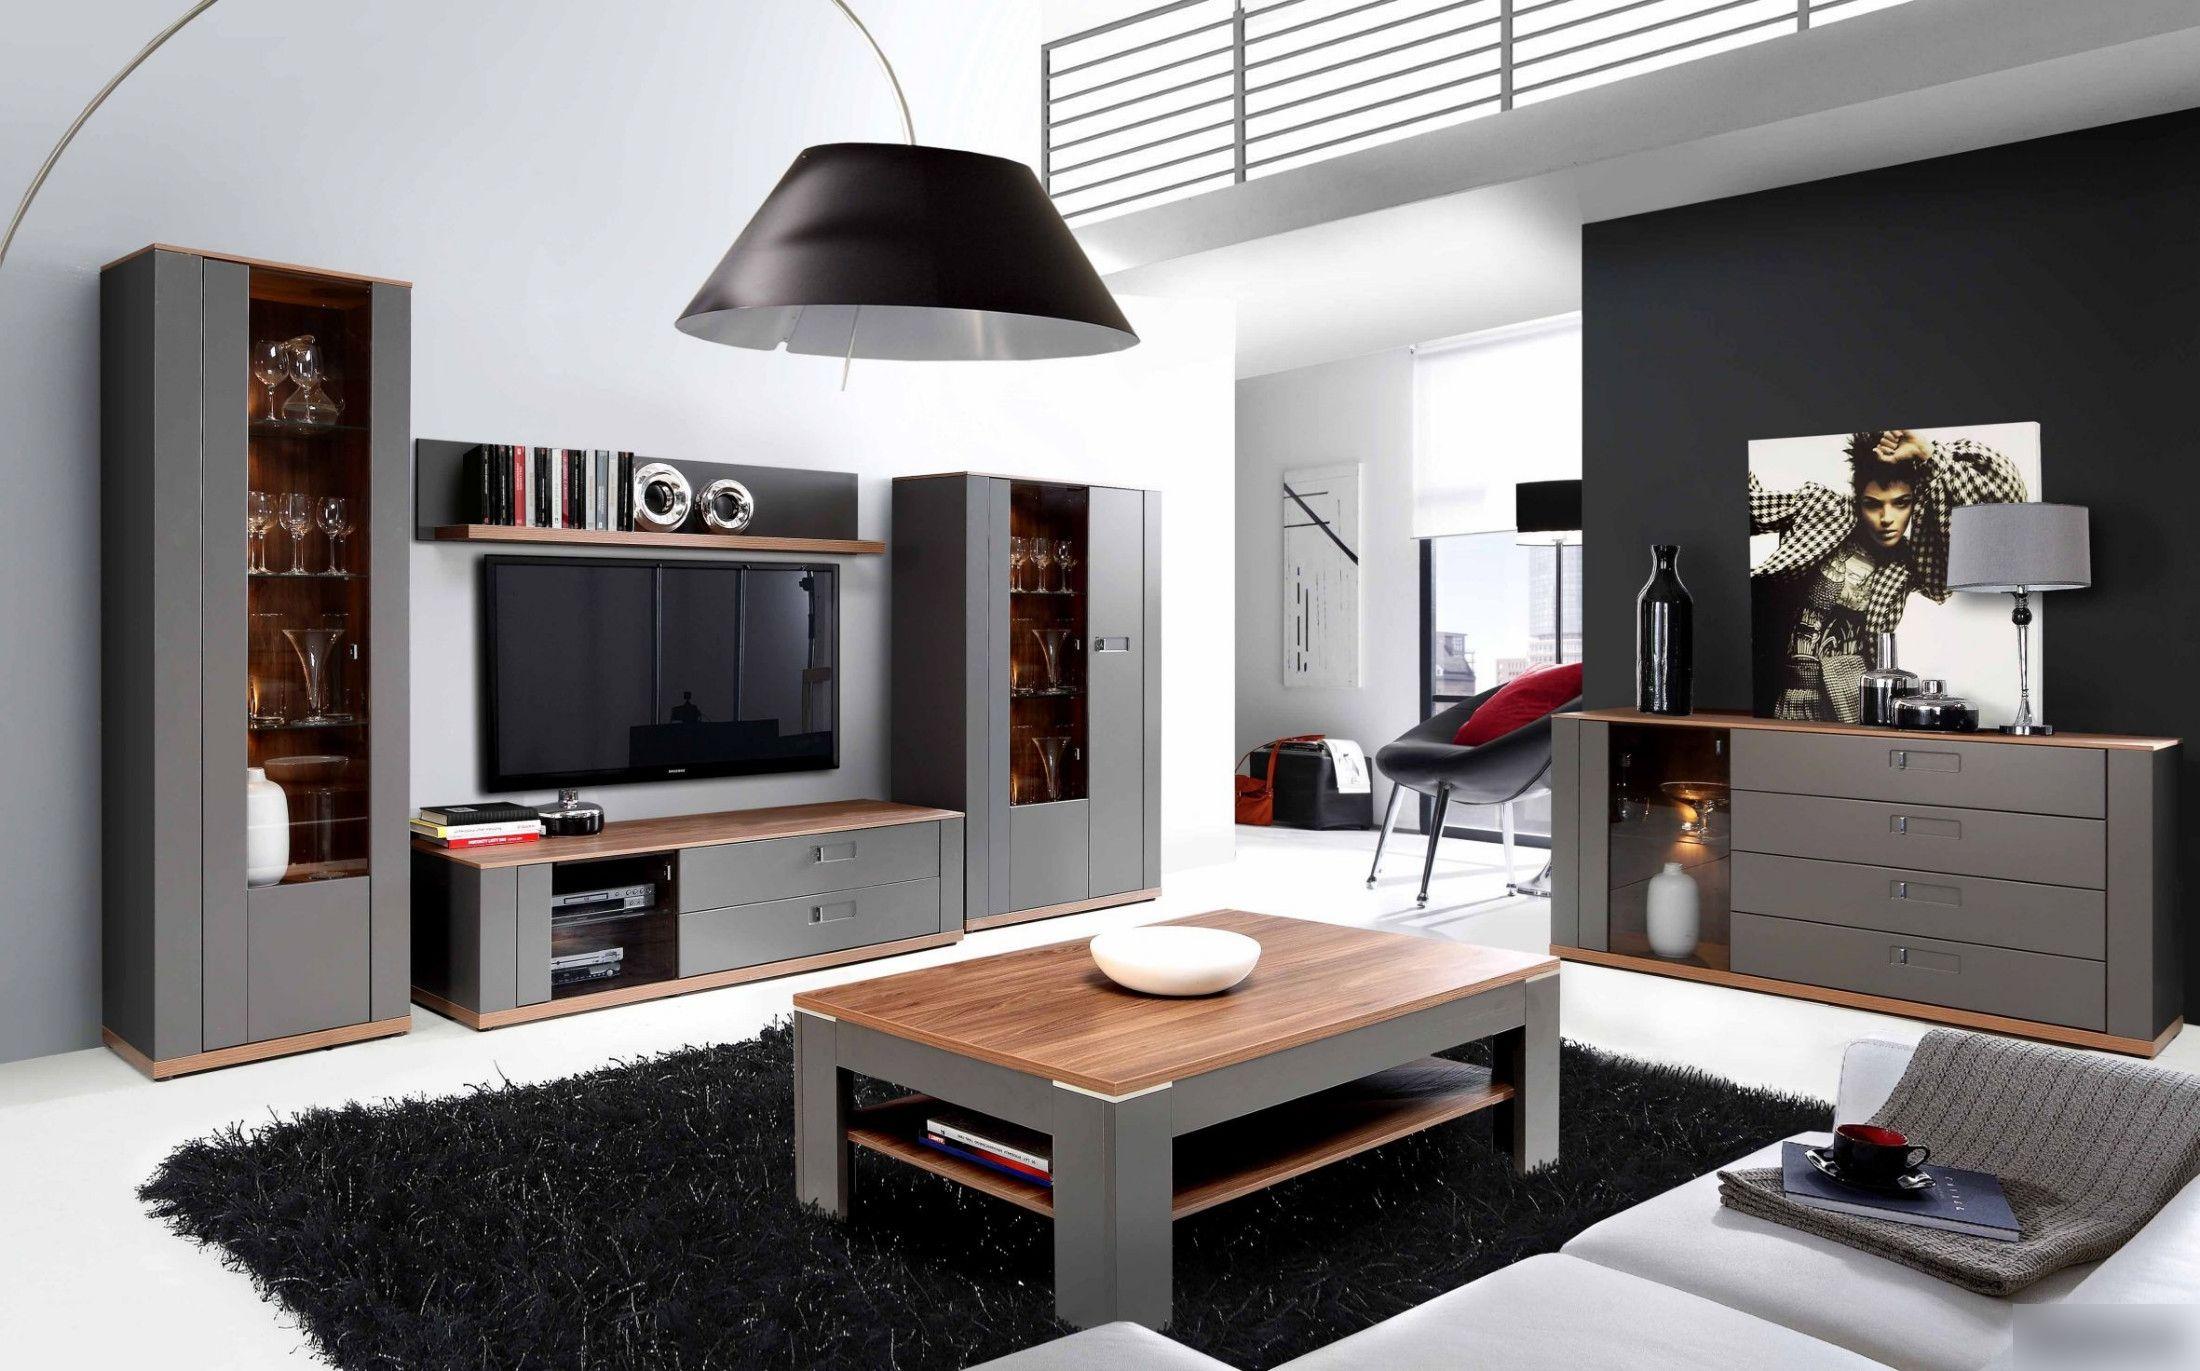 Wohnzimmer Set ~ Wohnzimmer set grau und sangallo eiche woody mdf modern